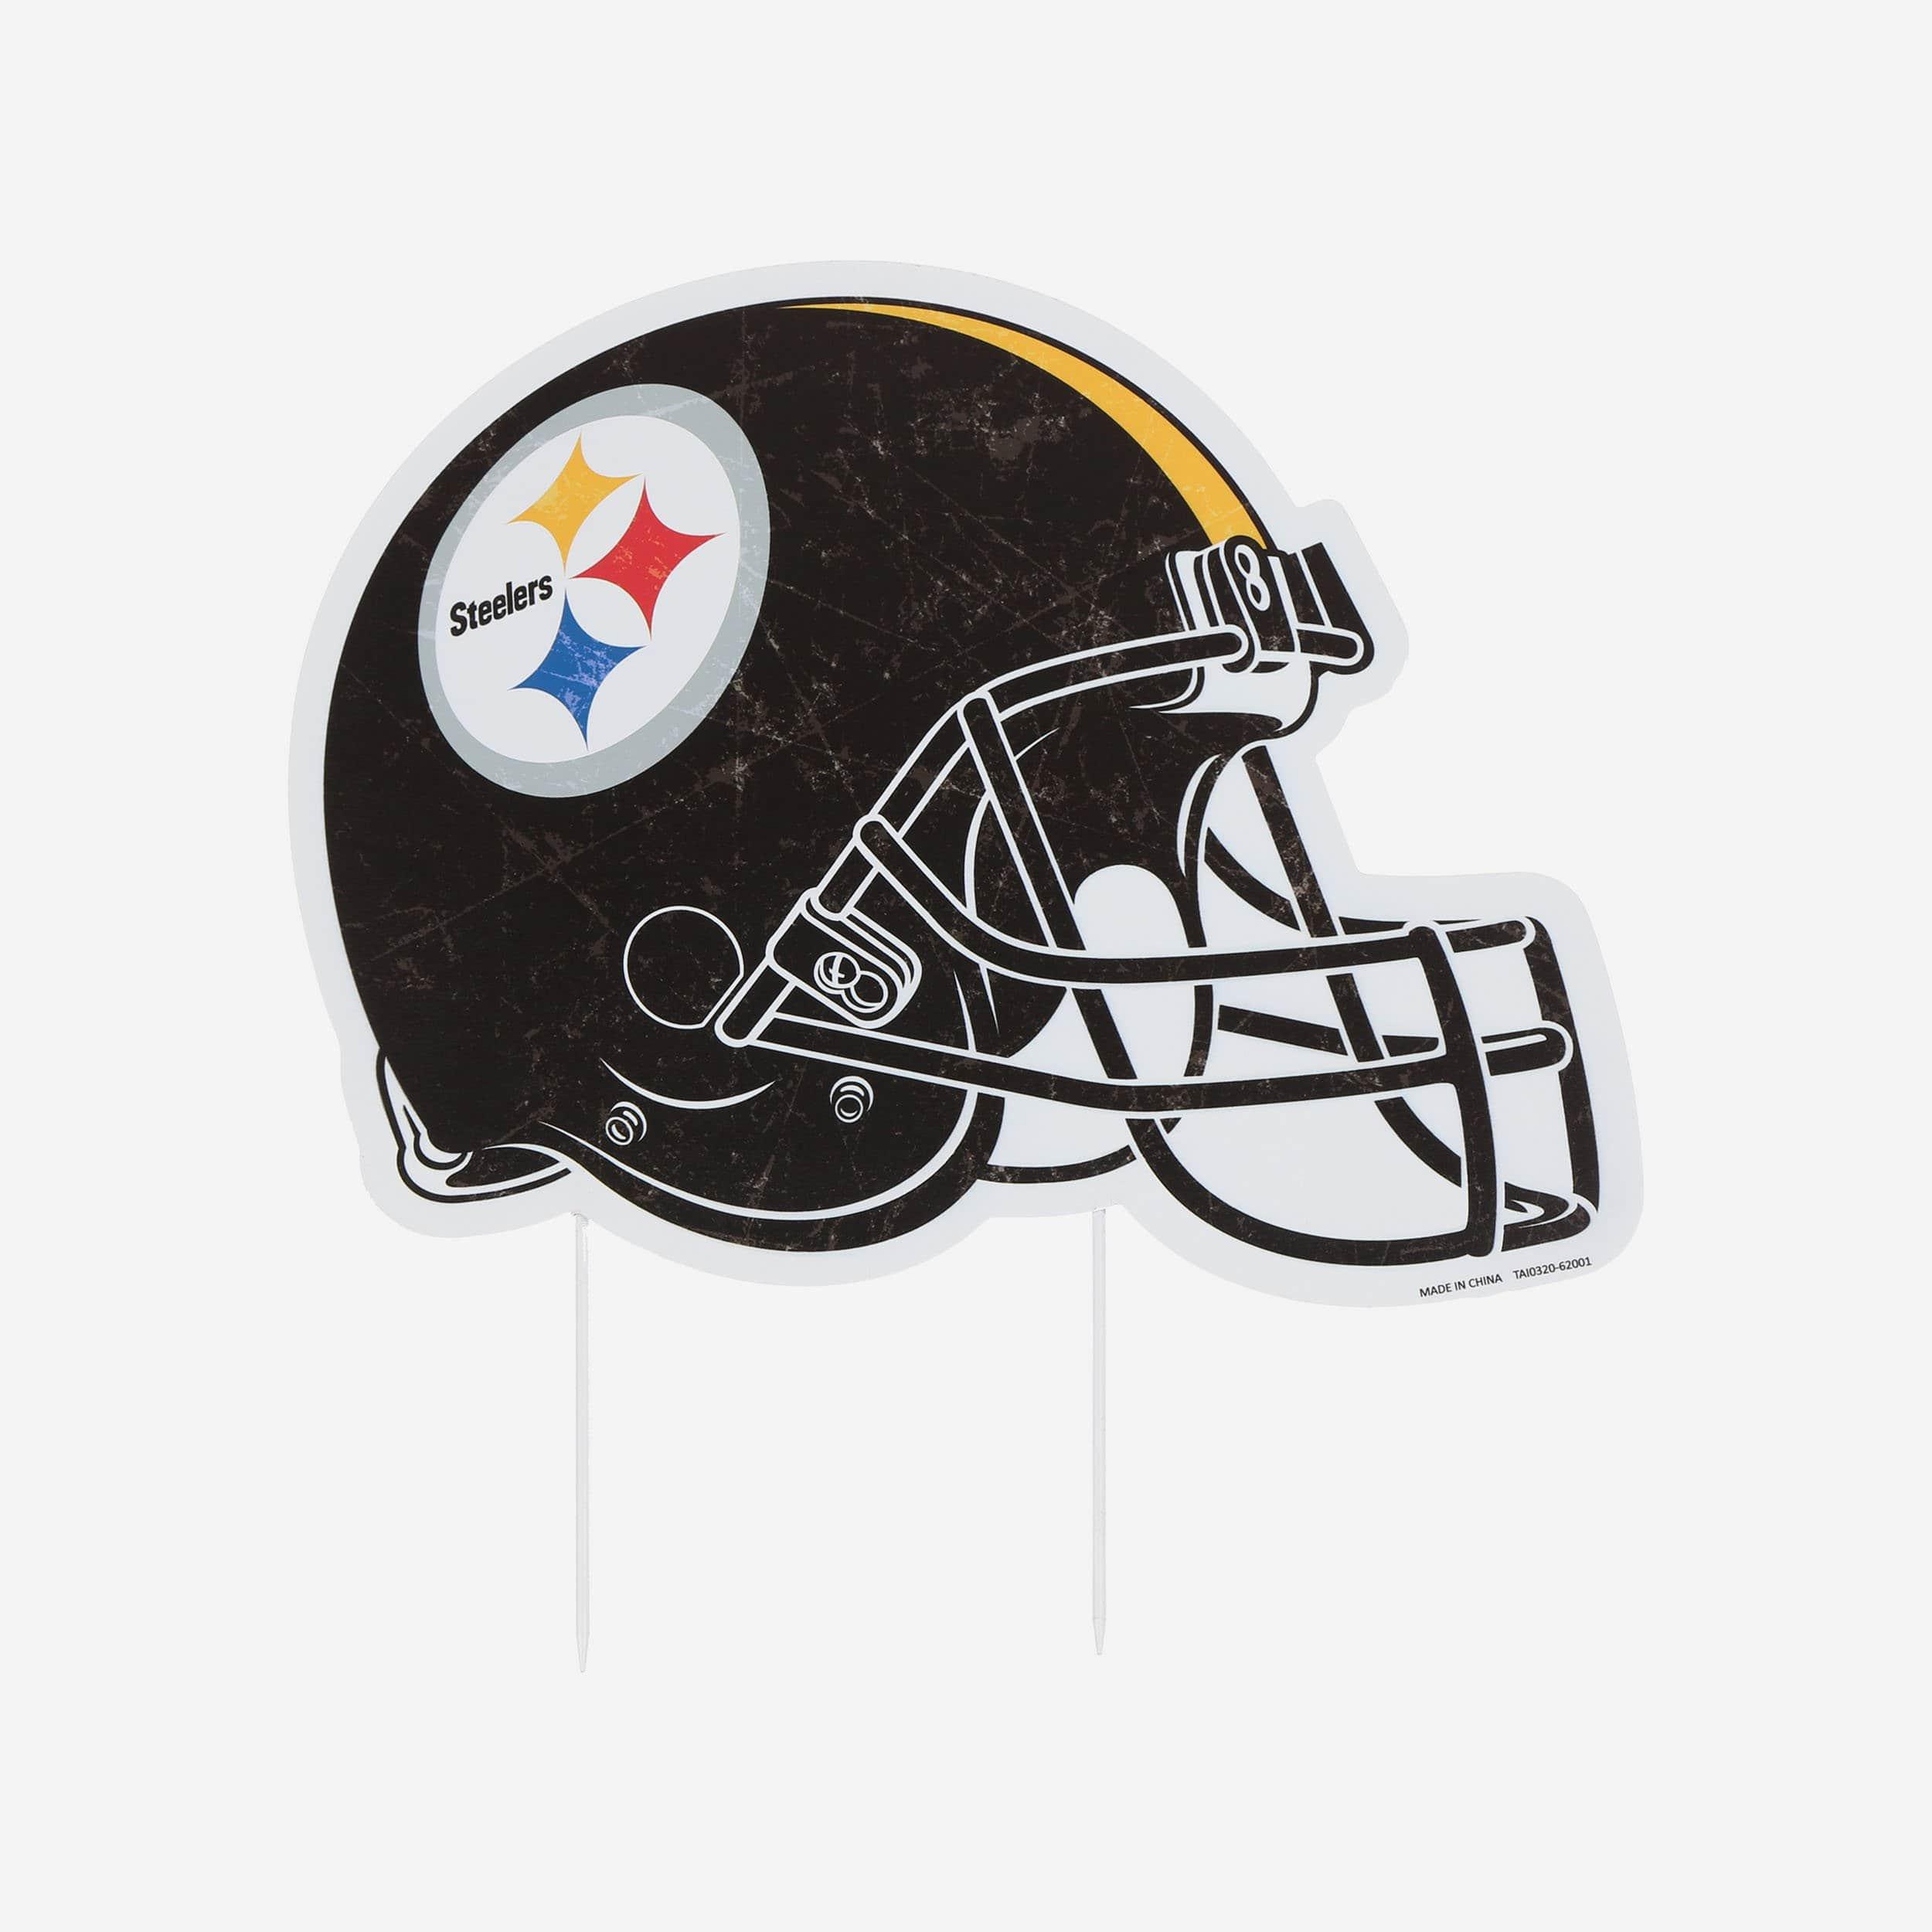 FOCO Pittsburgh Steelers Home Field Stake Helmet Sign